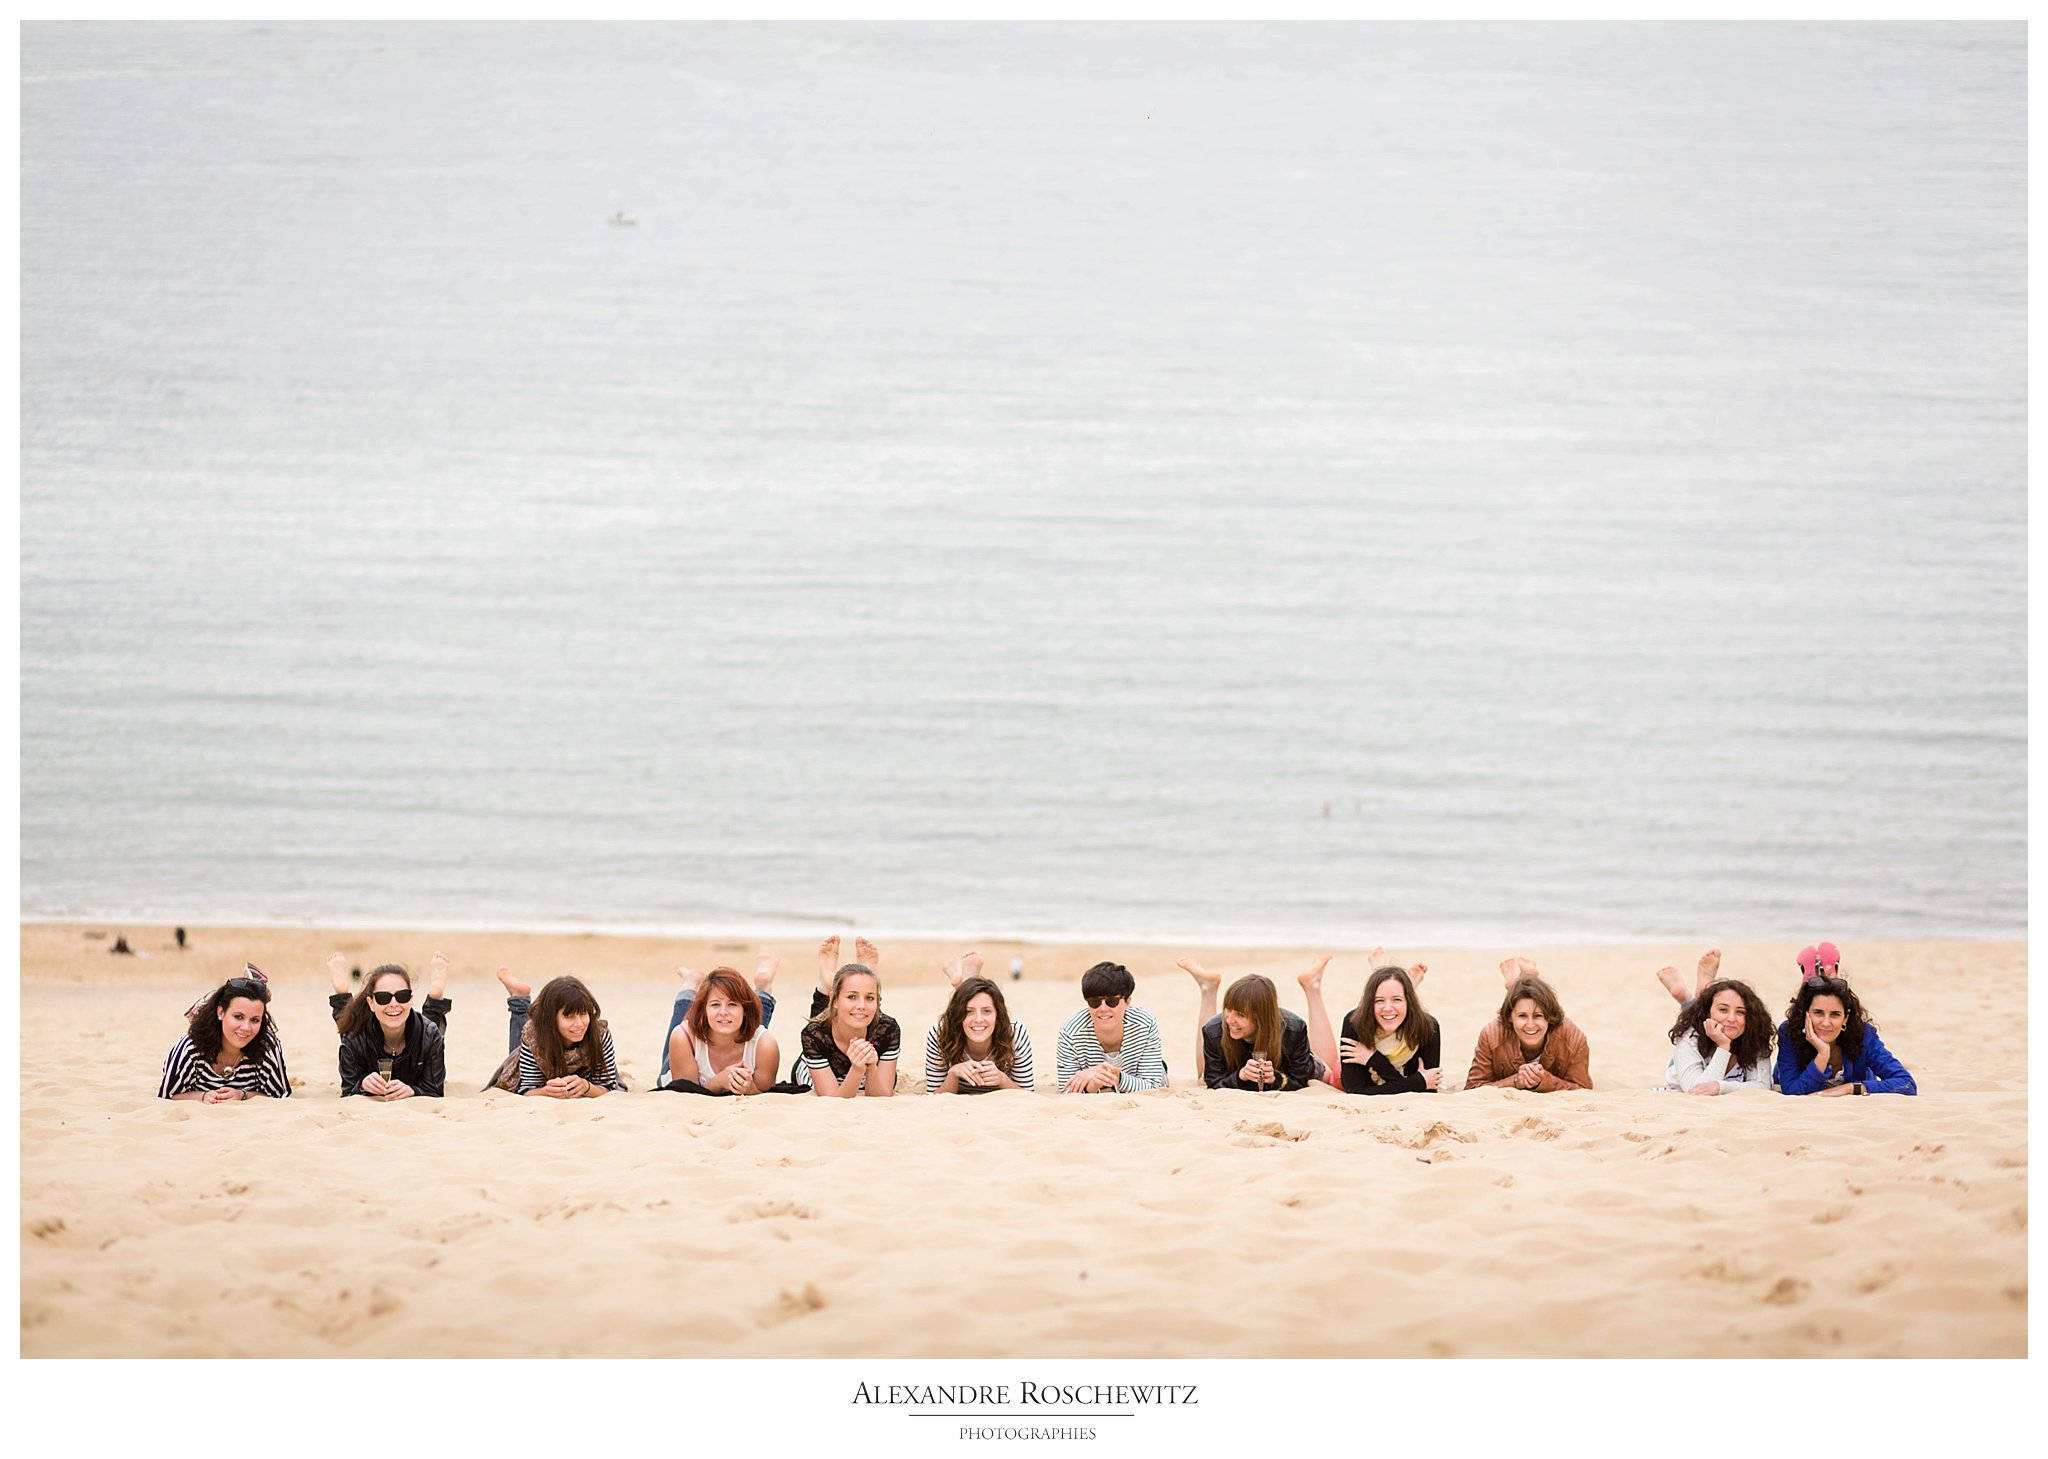 La séance photo EVFJ de Sarah à la Dune du Pilat, avec 11 de ses amies. Alexandre Roschewitz Photographies